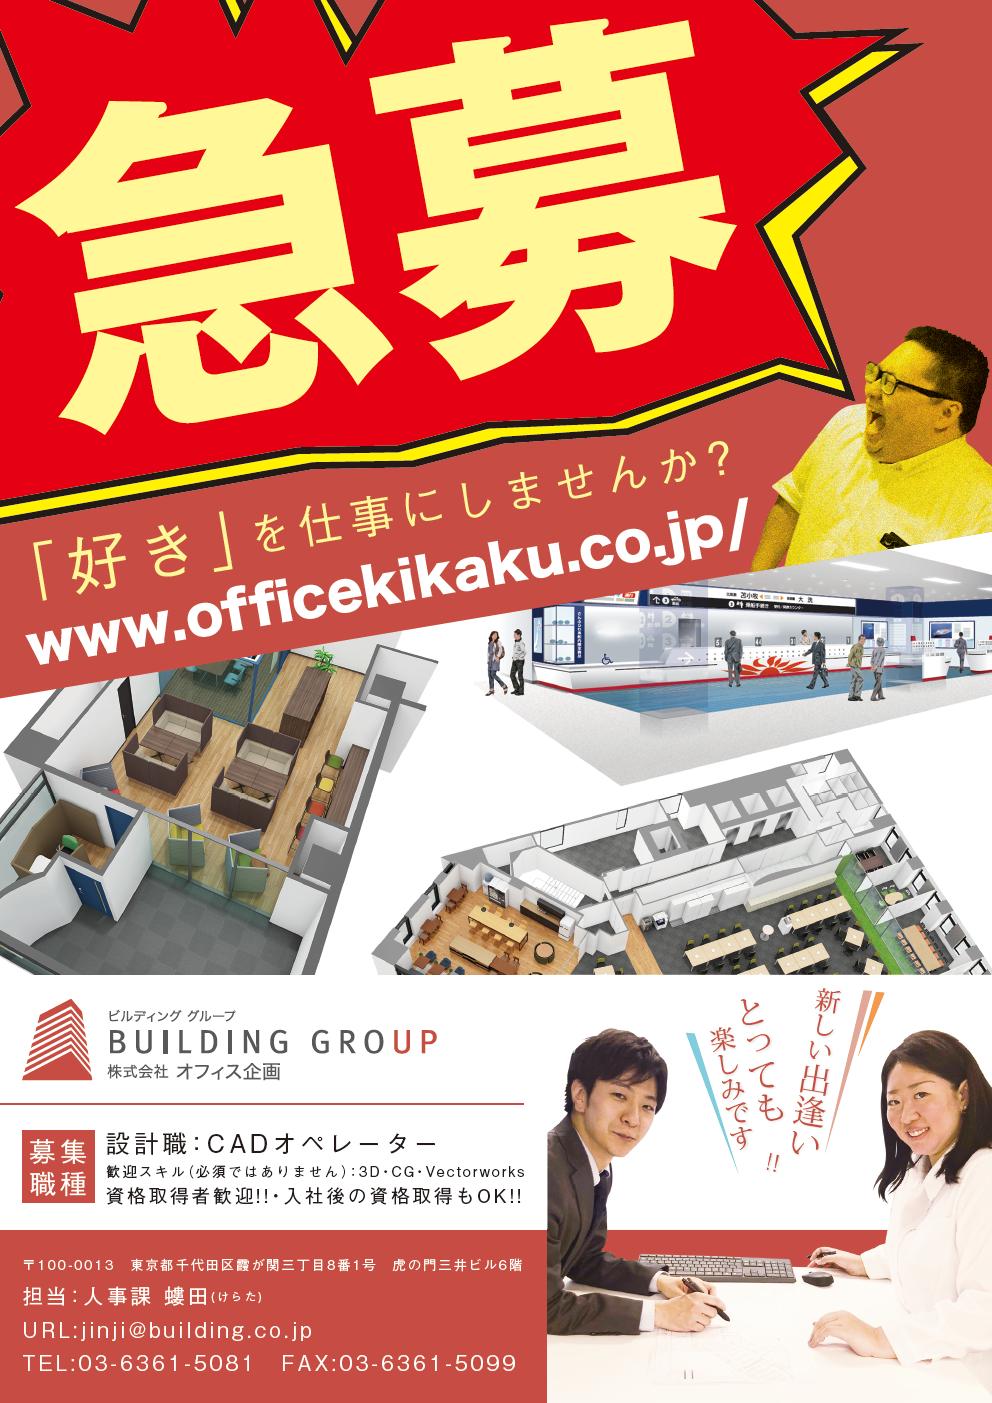 【オフィス企画】設計職(CADオペレーター)募集のお知らせ